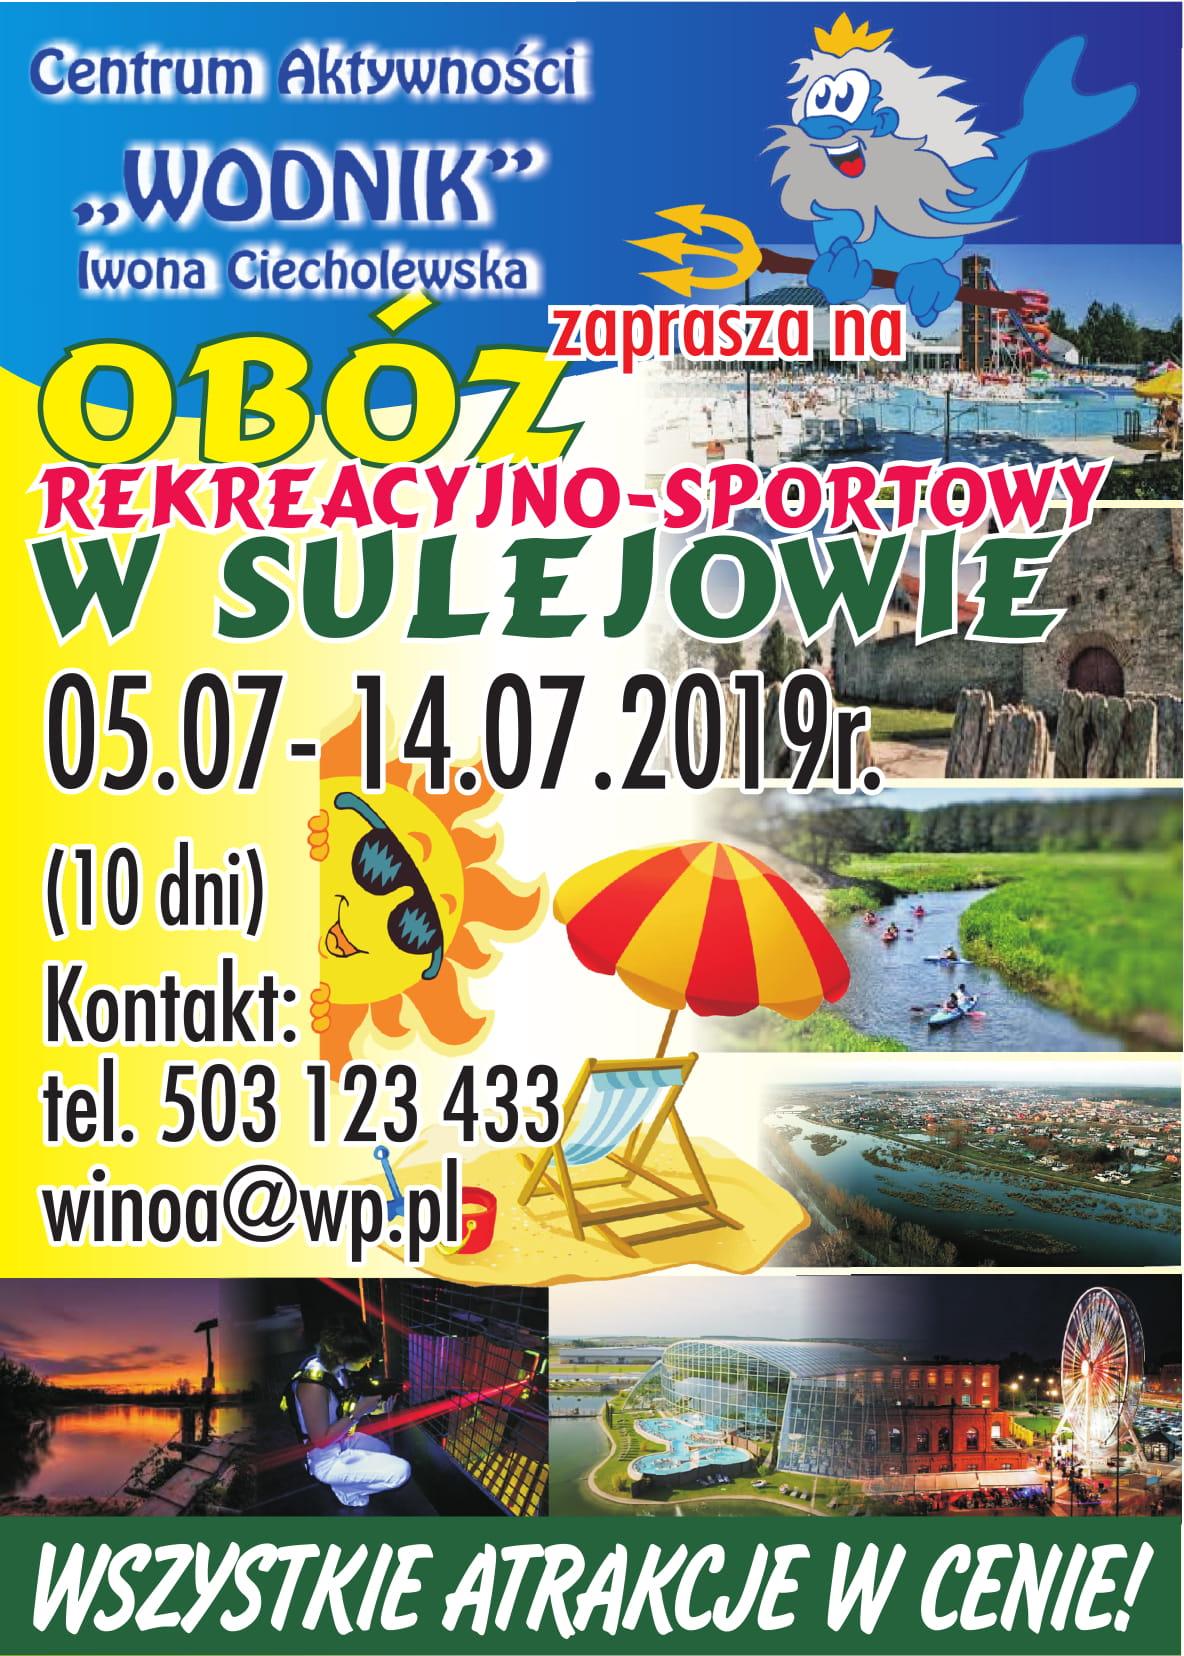 http://m.82-200.pl/2019/05/orig/oboz-sportowy-sulejow-wodnik-2019-ulotka-2-4535.jpg